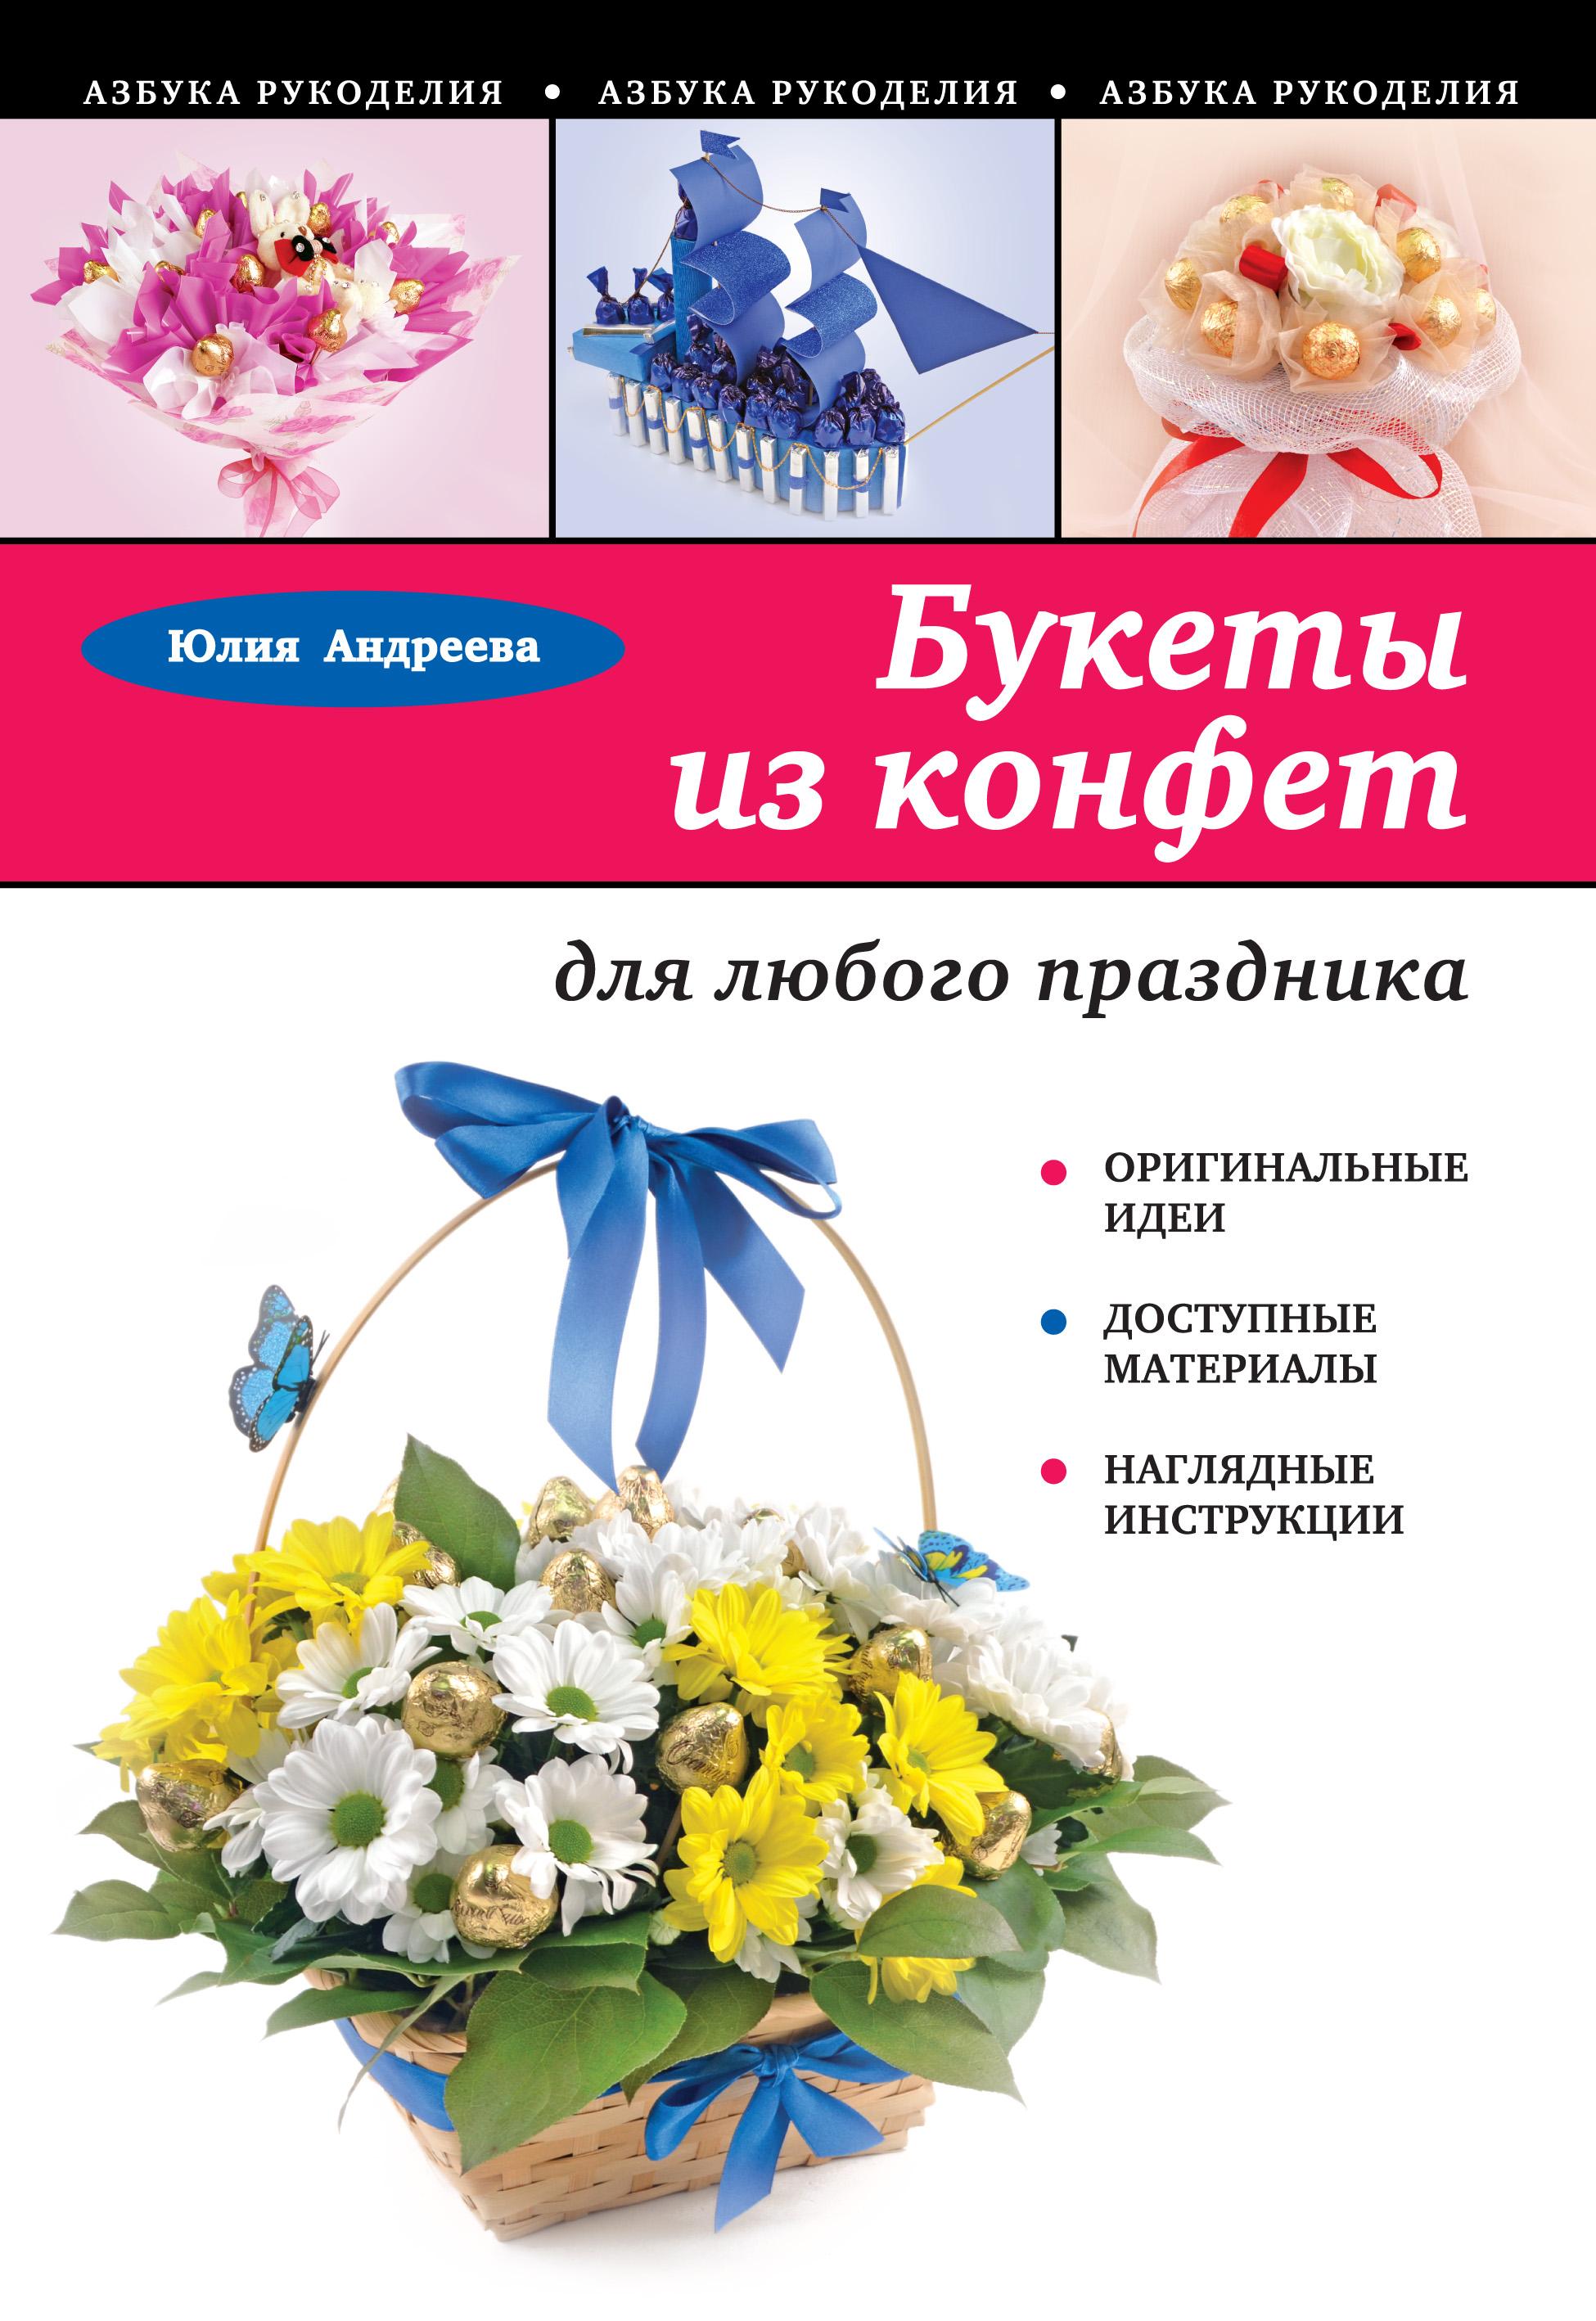 Юлия Андреева Букеты из конфет для любого праздника елена шипилова как сделать букеты из конфет в пошаговых фотографиях